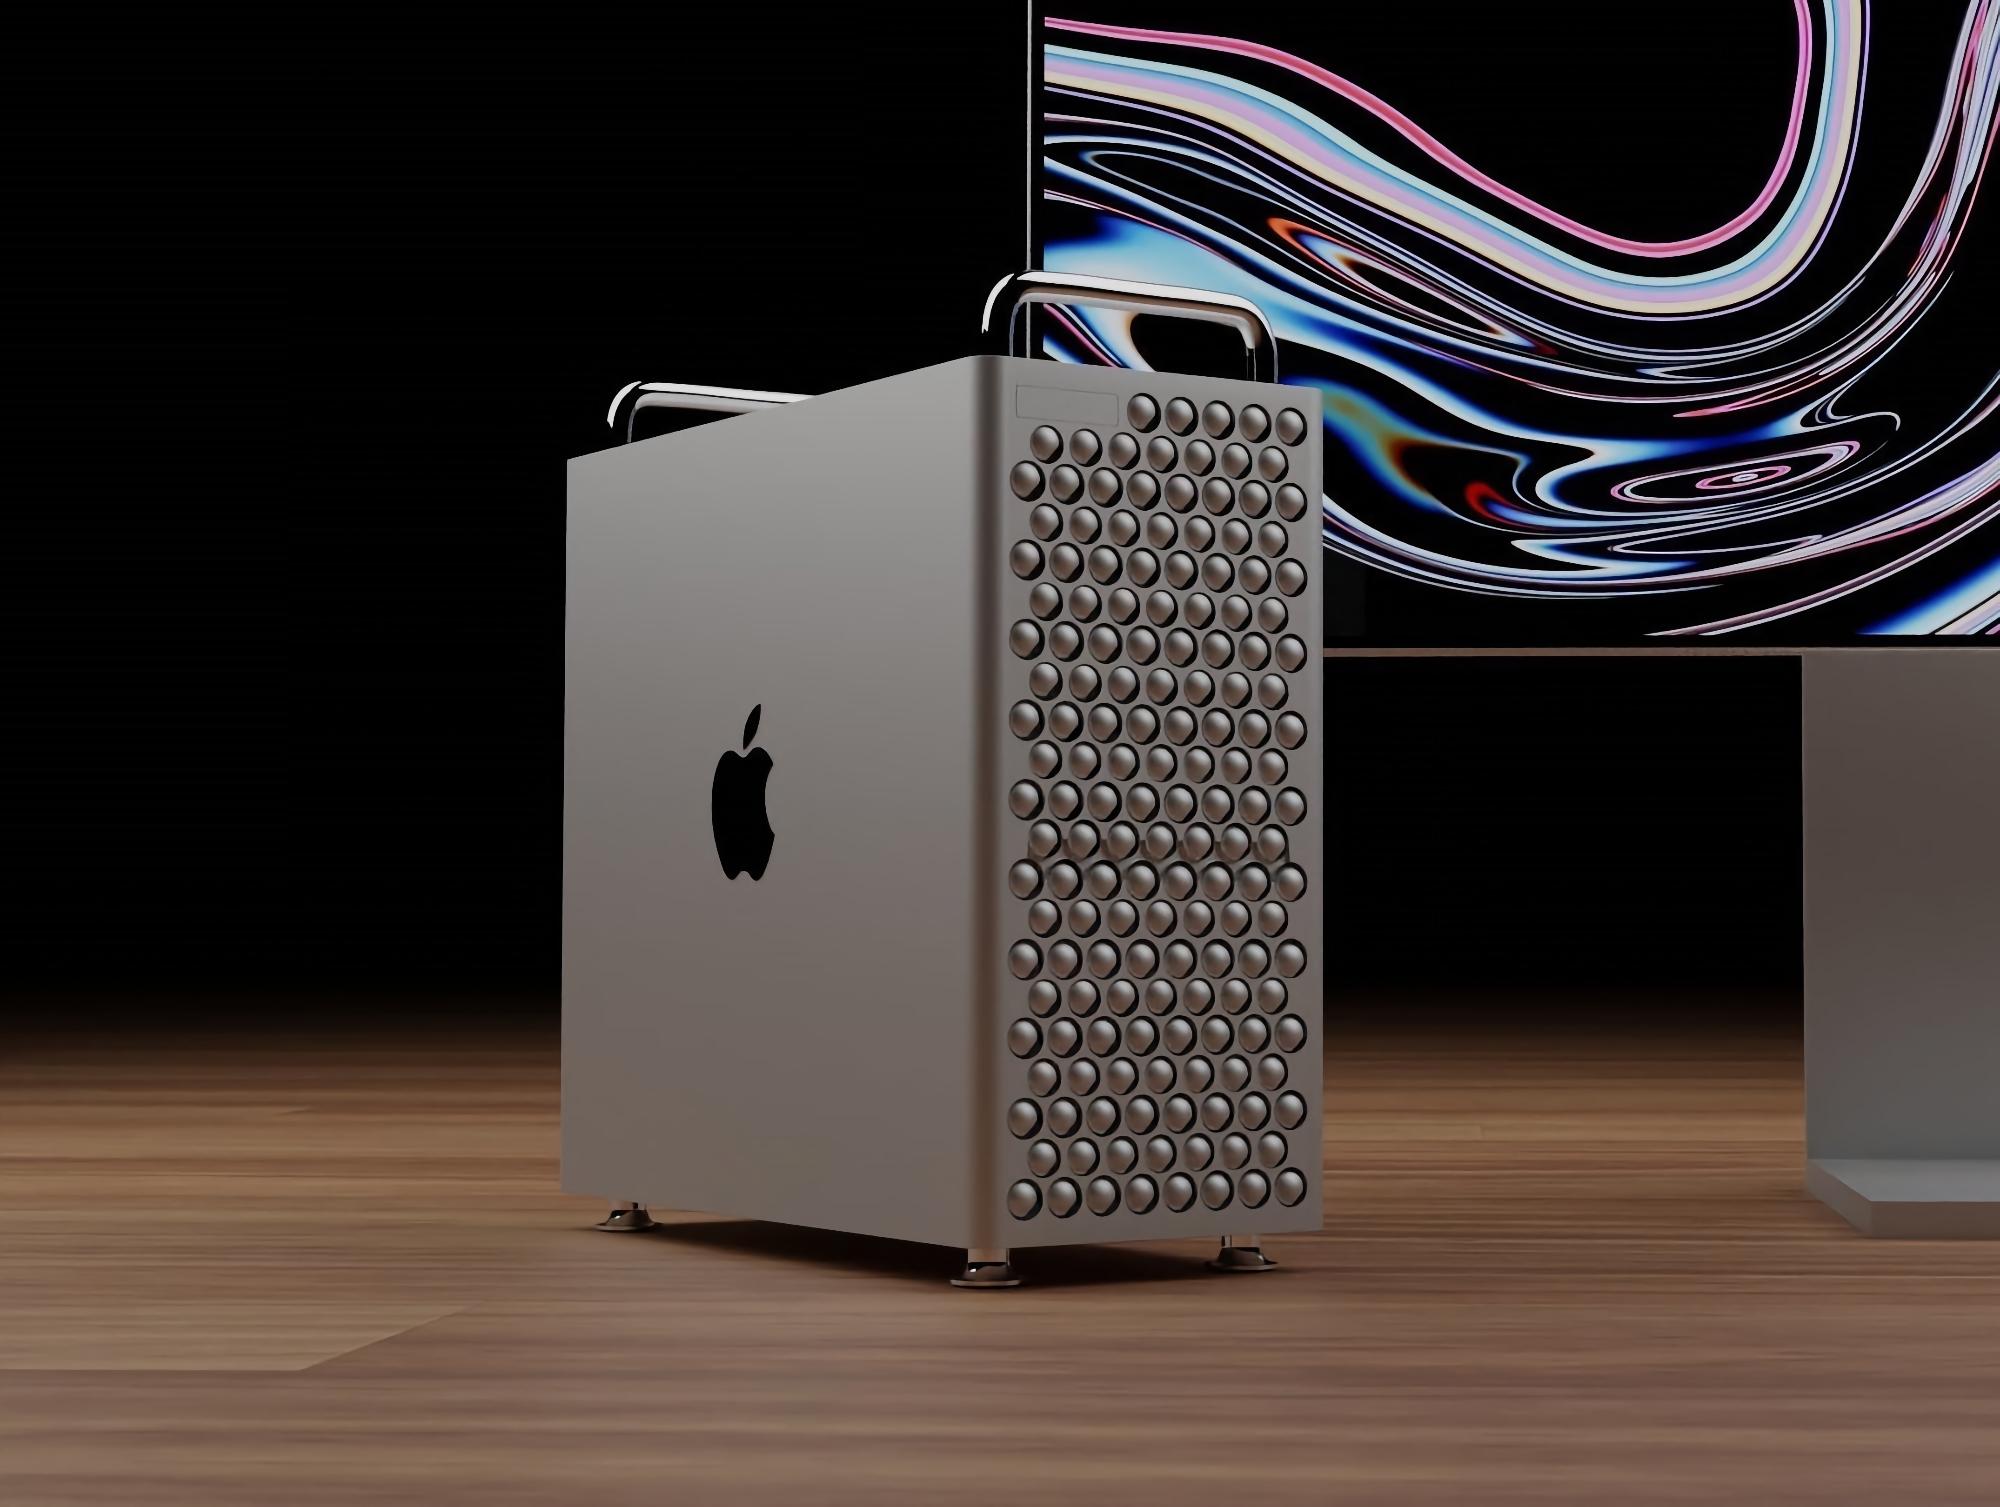 Марк Гурман: Apple работает над новым Mac Pro с фирменным чипом на борту, который будет мощнее M1 Max